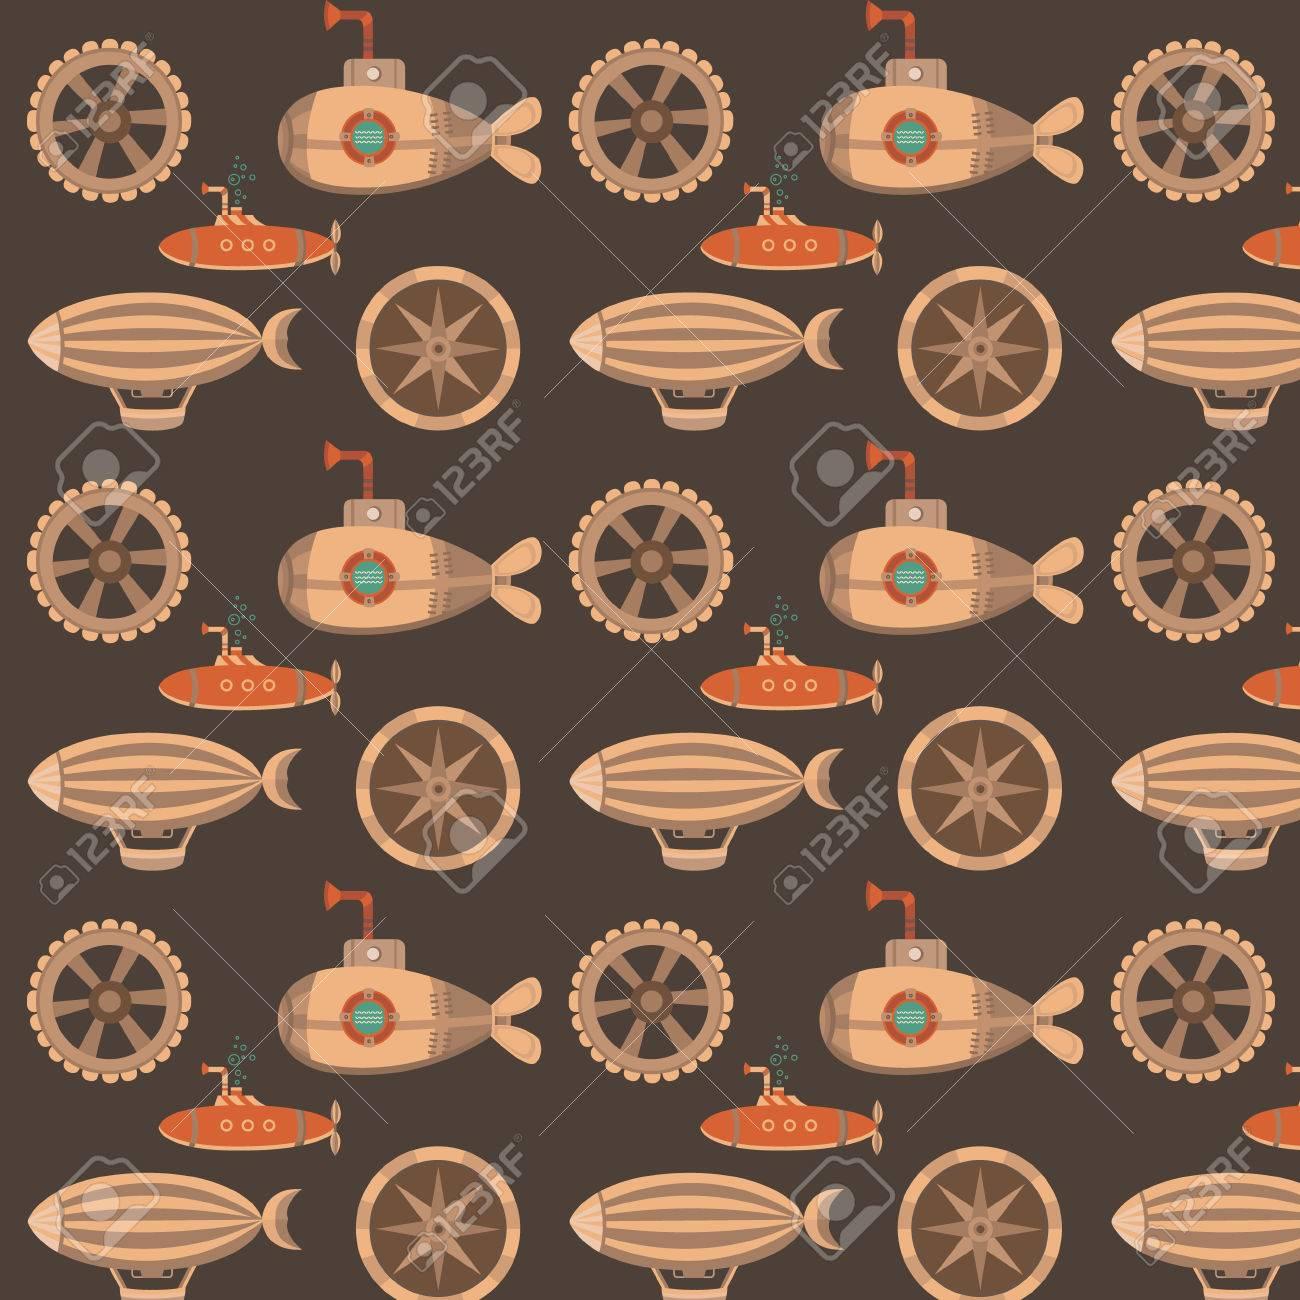 スチーム パンクのスタイルでのシームレスなパターン カード 招待状 Web ページ バナー 壁紙の背景 バルーン 歯車 潜水艦とのシームレスなビンテージ テクスチャです ヴィンテージ背景 のイラスト素材 ベクタ Image